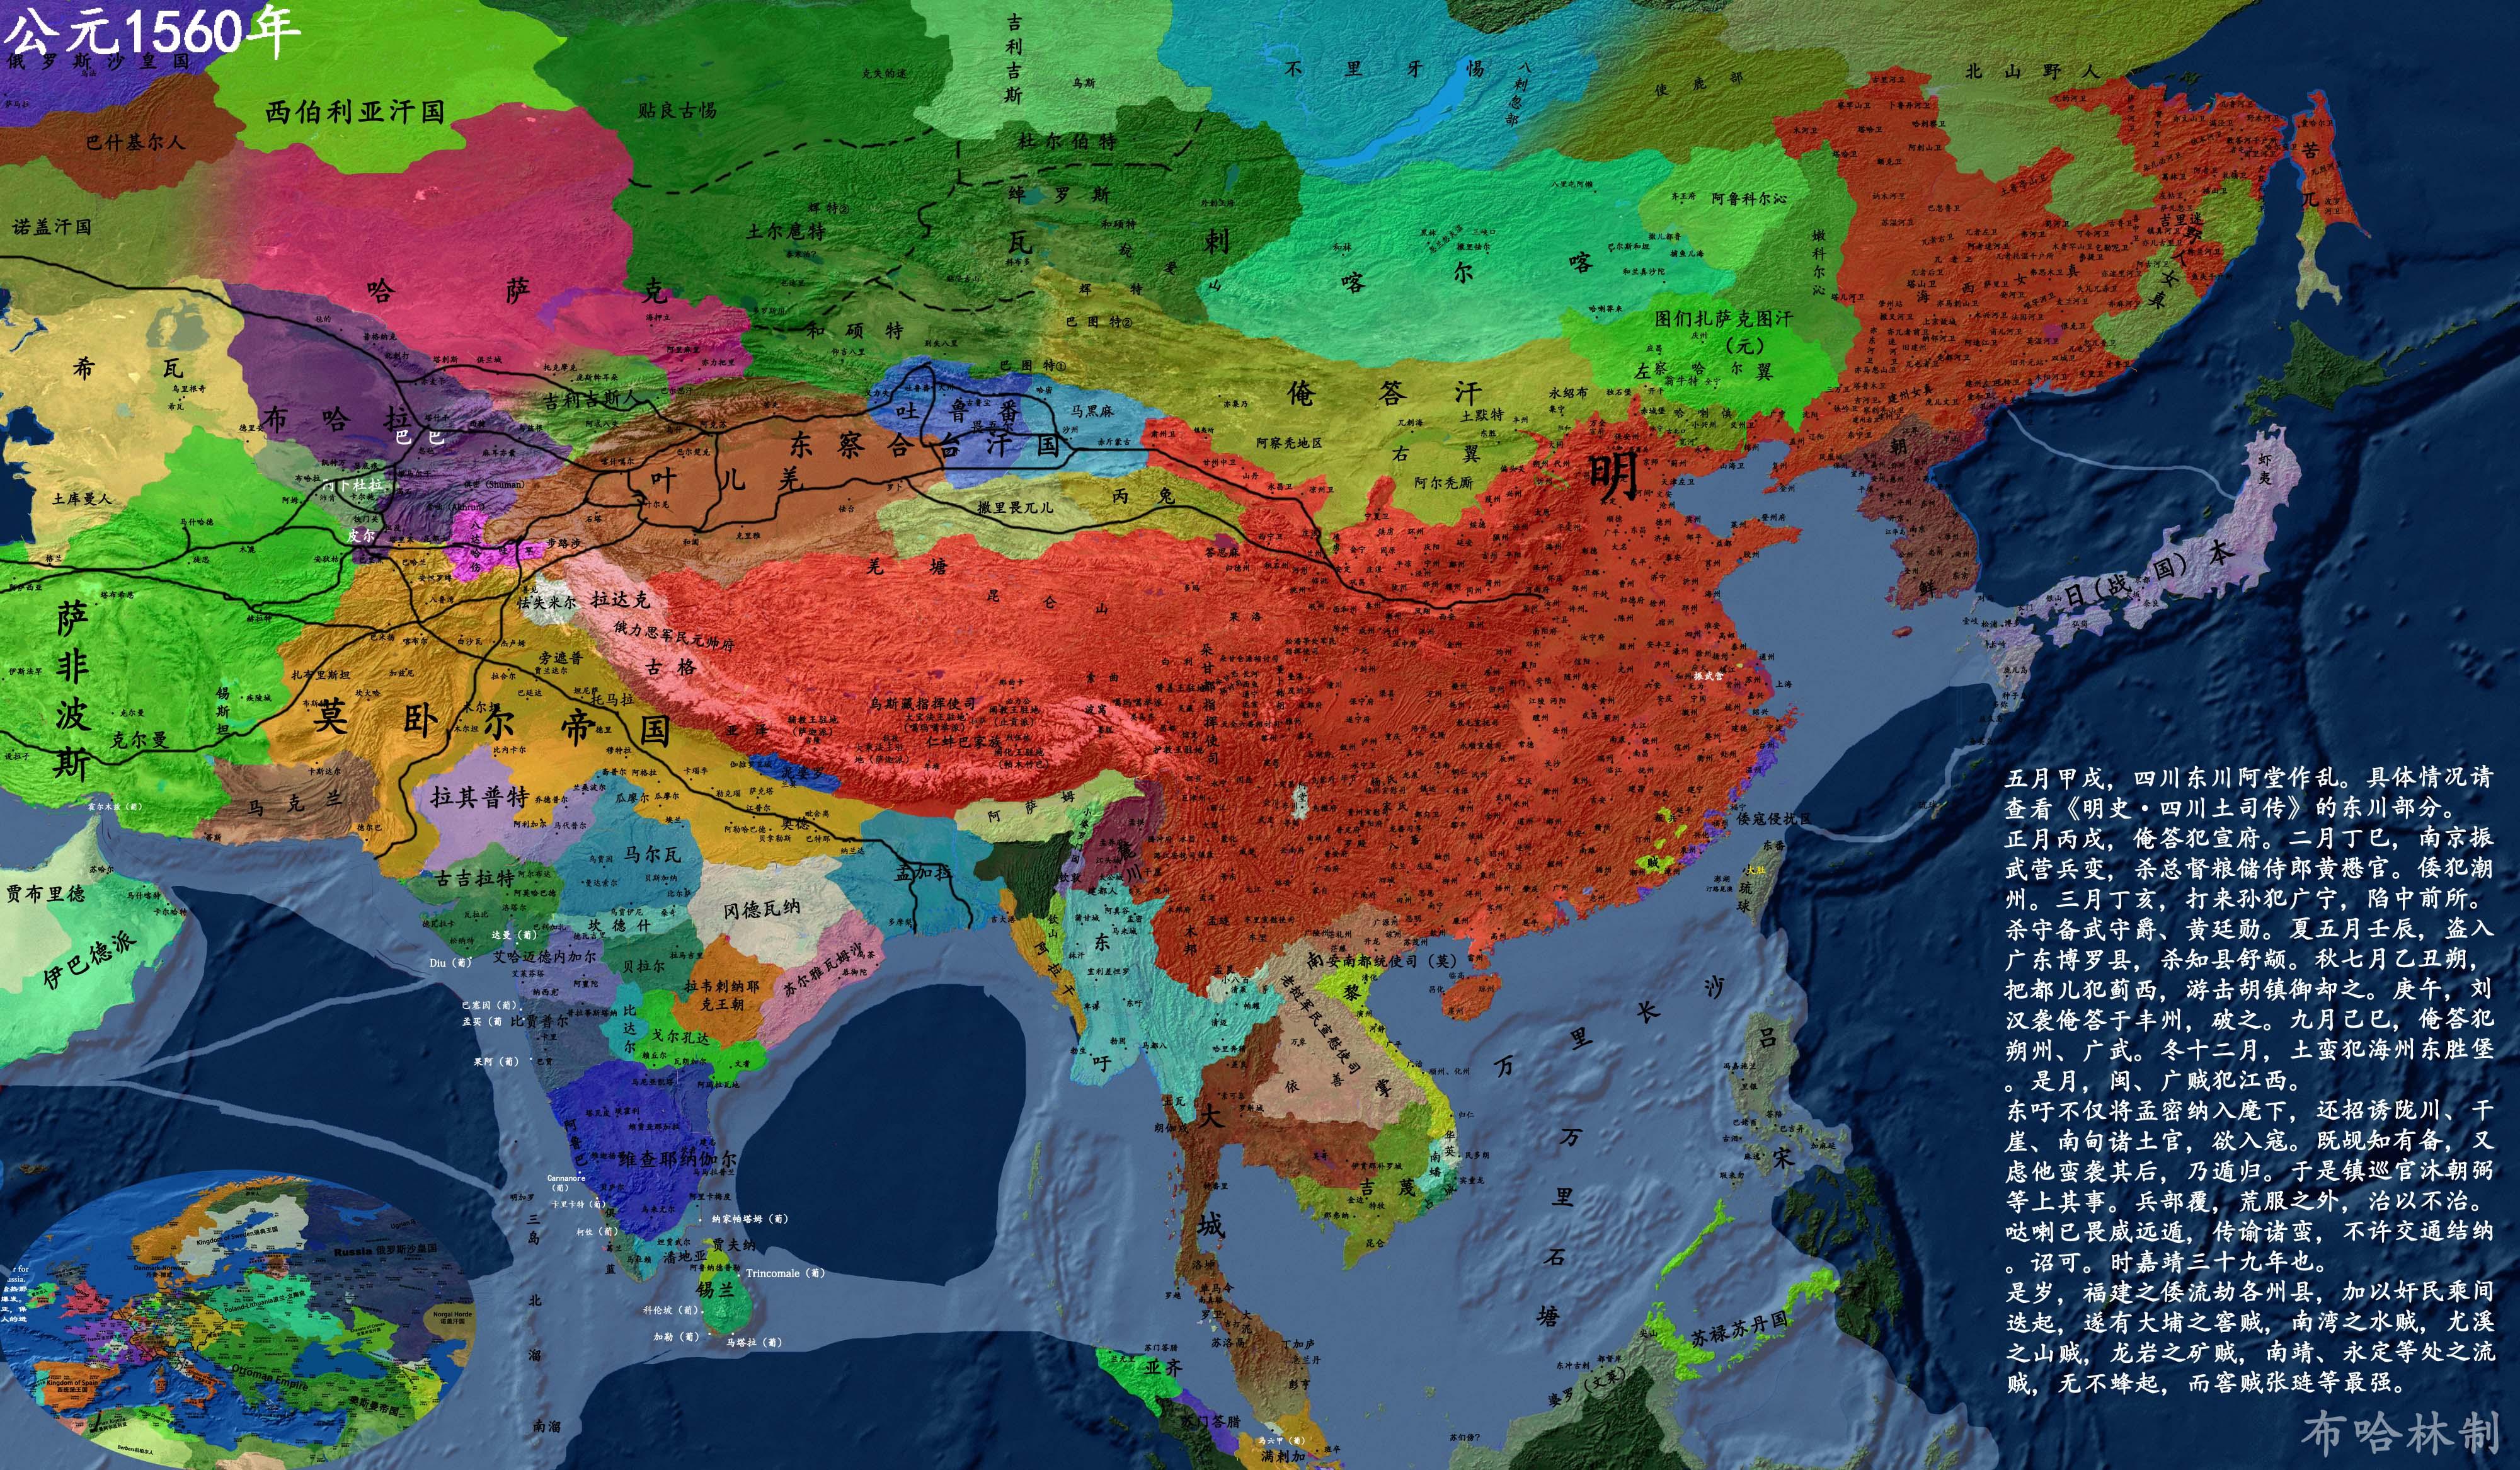 详细中国历史地图版本3-大明王朝1566